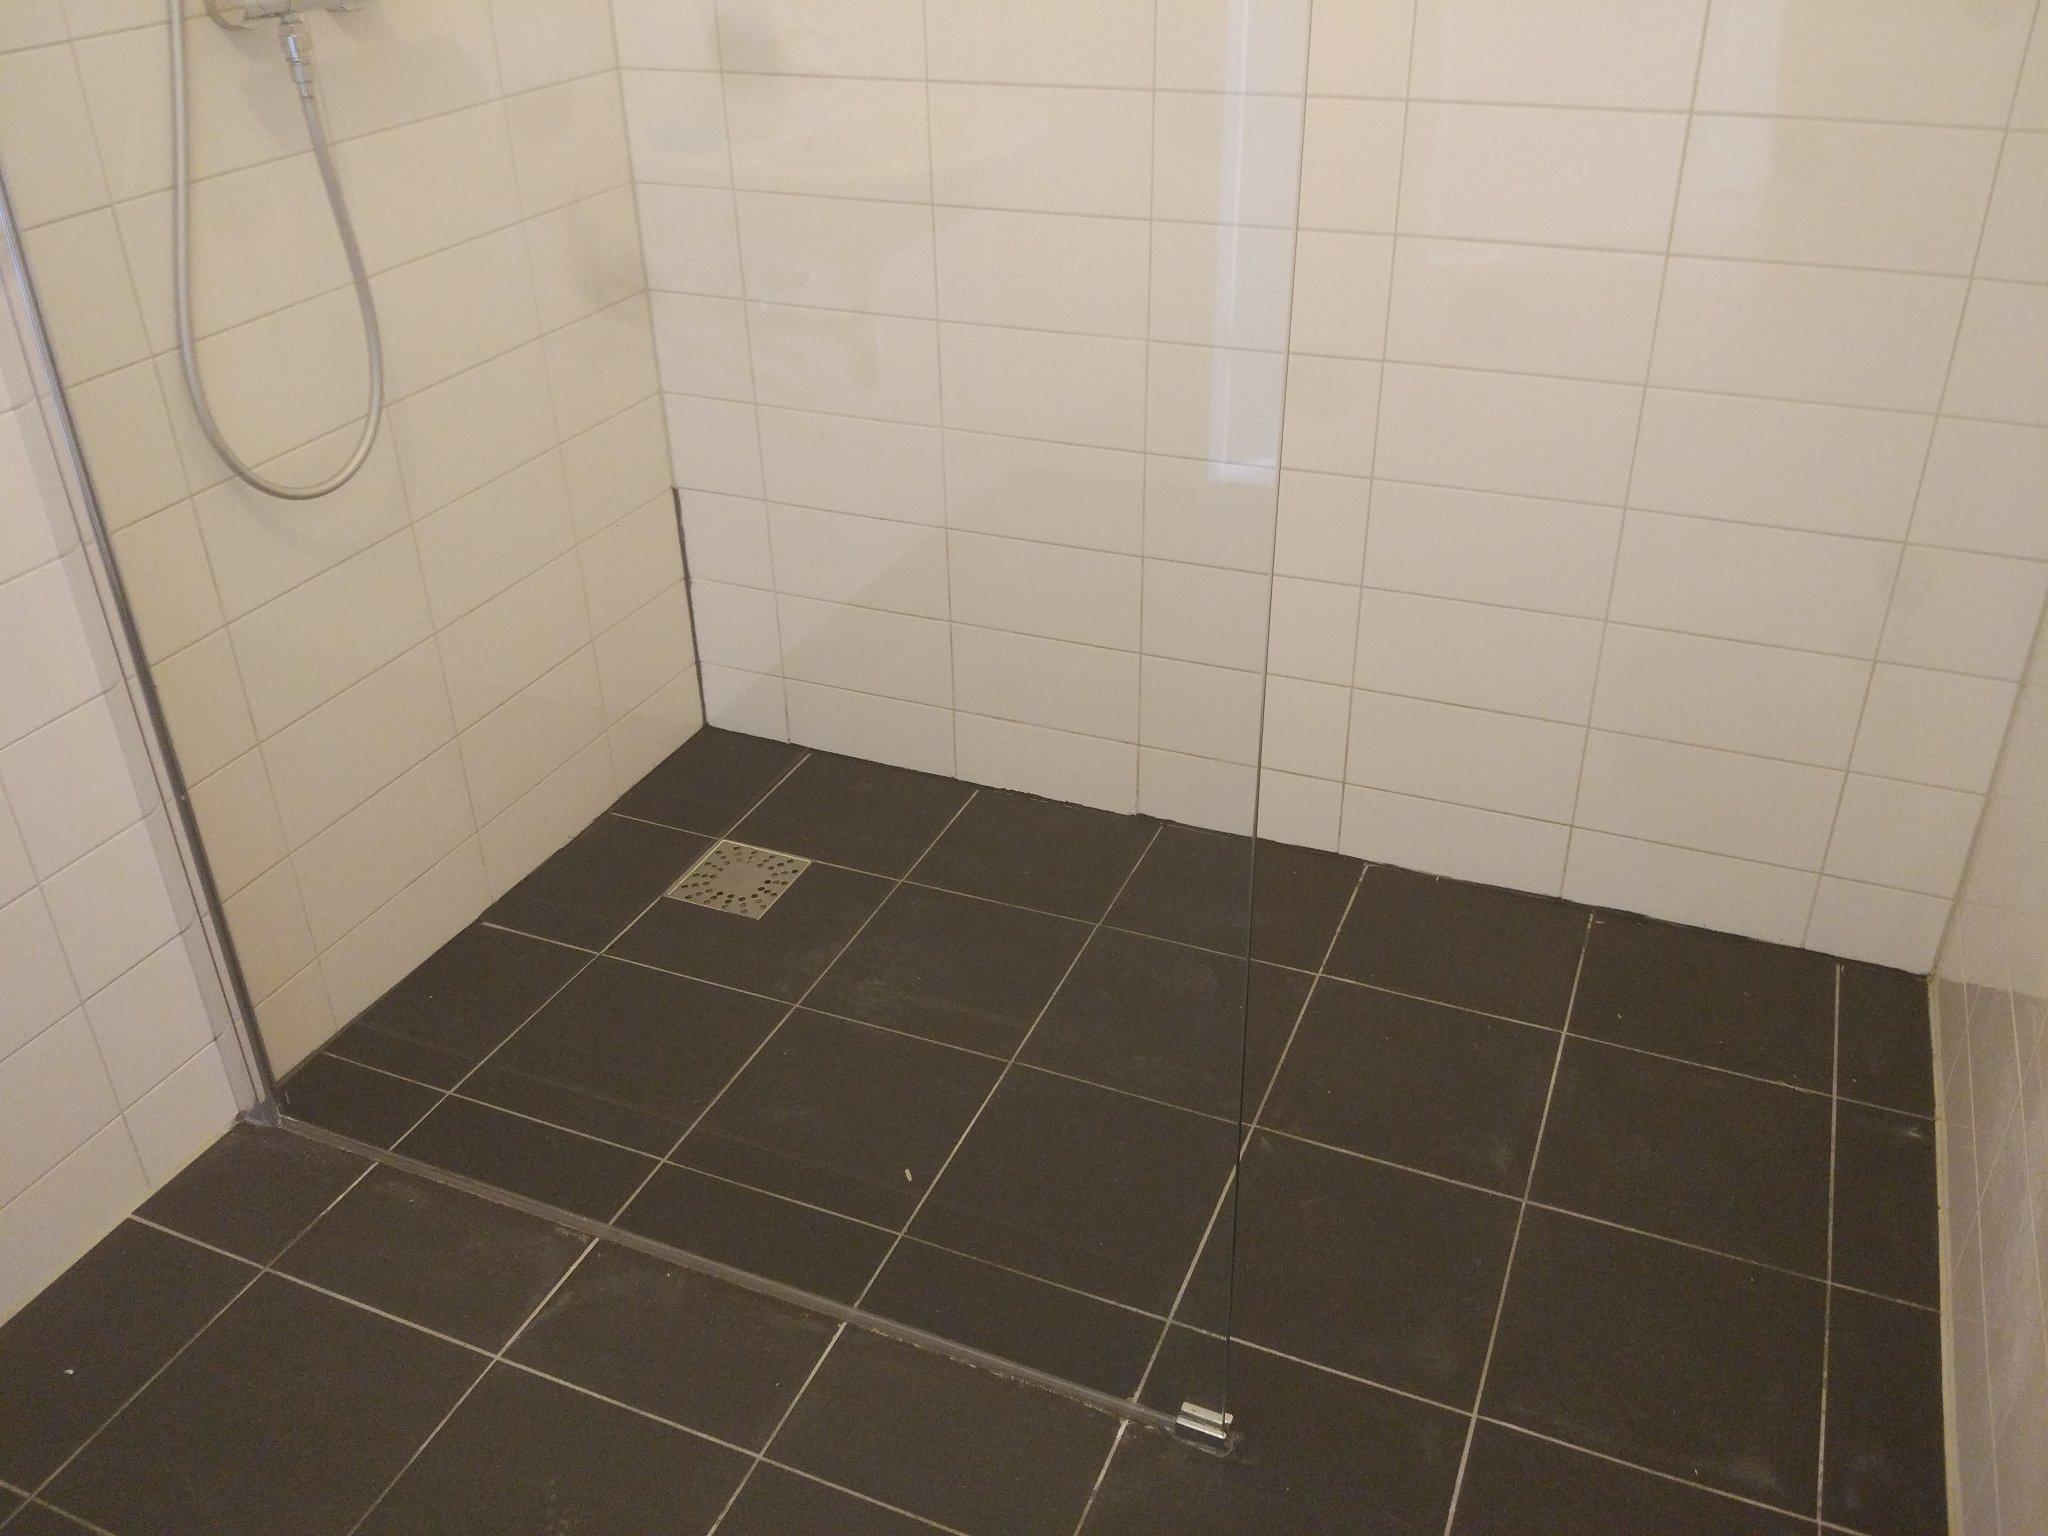 Kit Verwijderen Badkamer : Schimmel voegen badkamer schoonmaken best beautiful